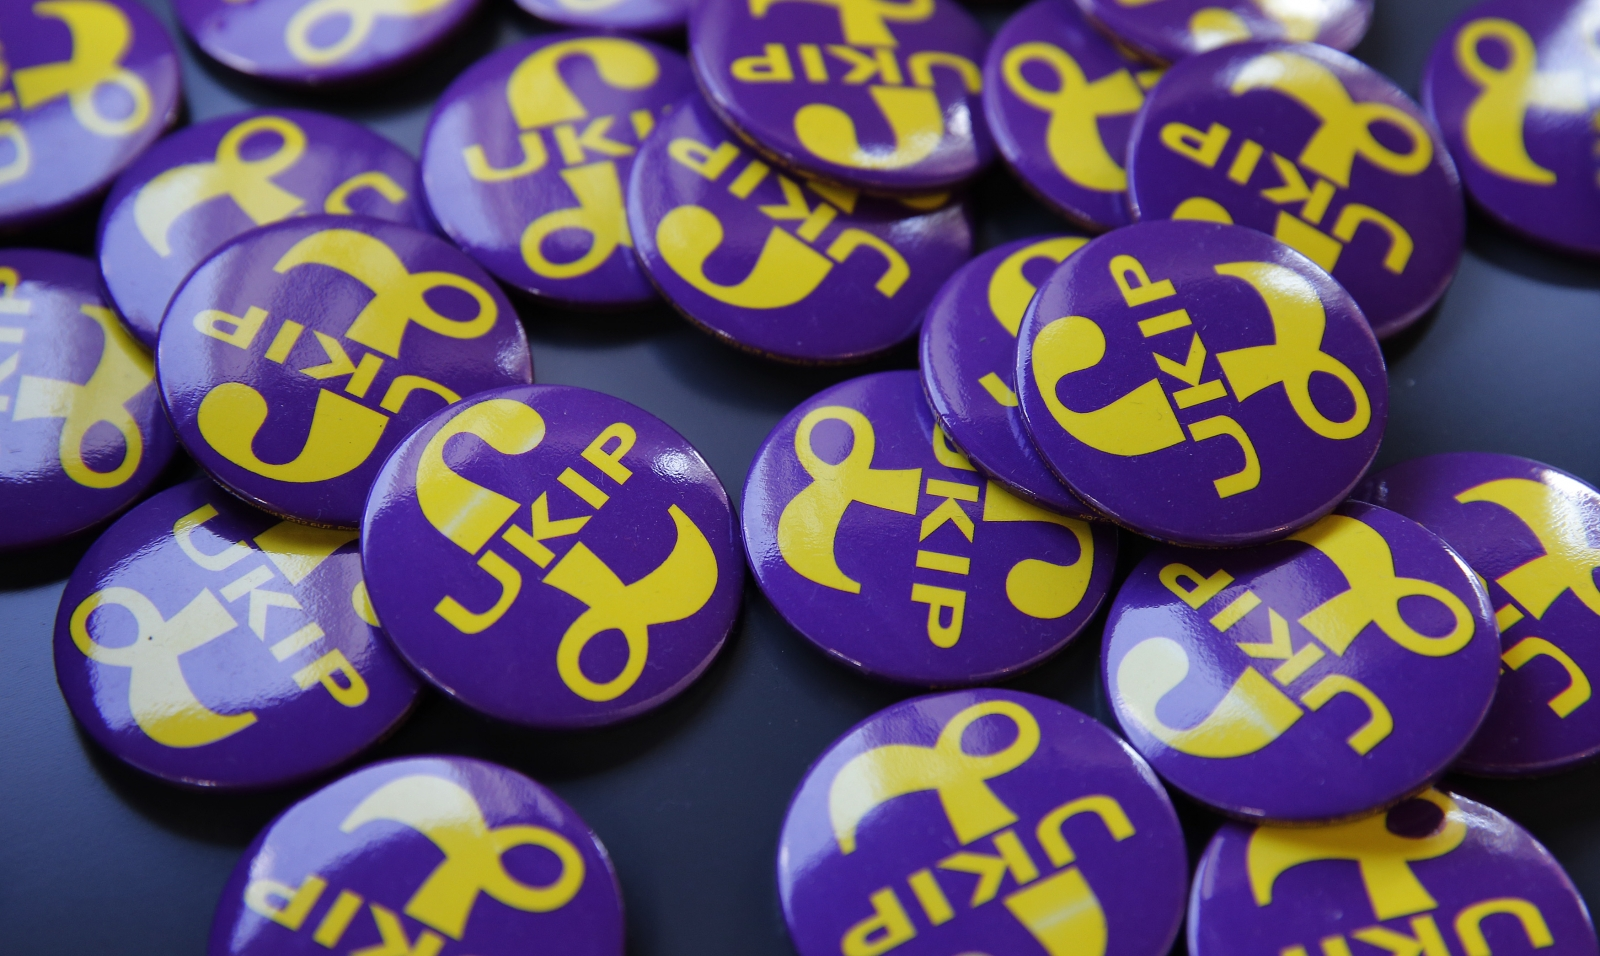 Ukip badges